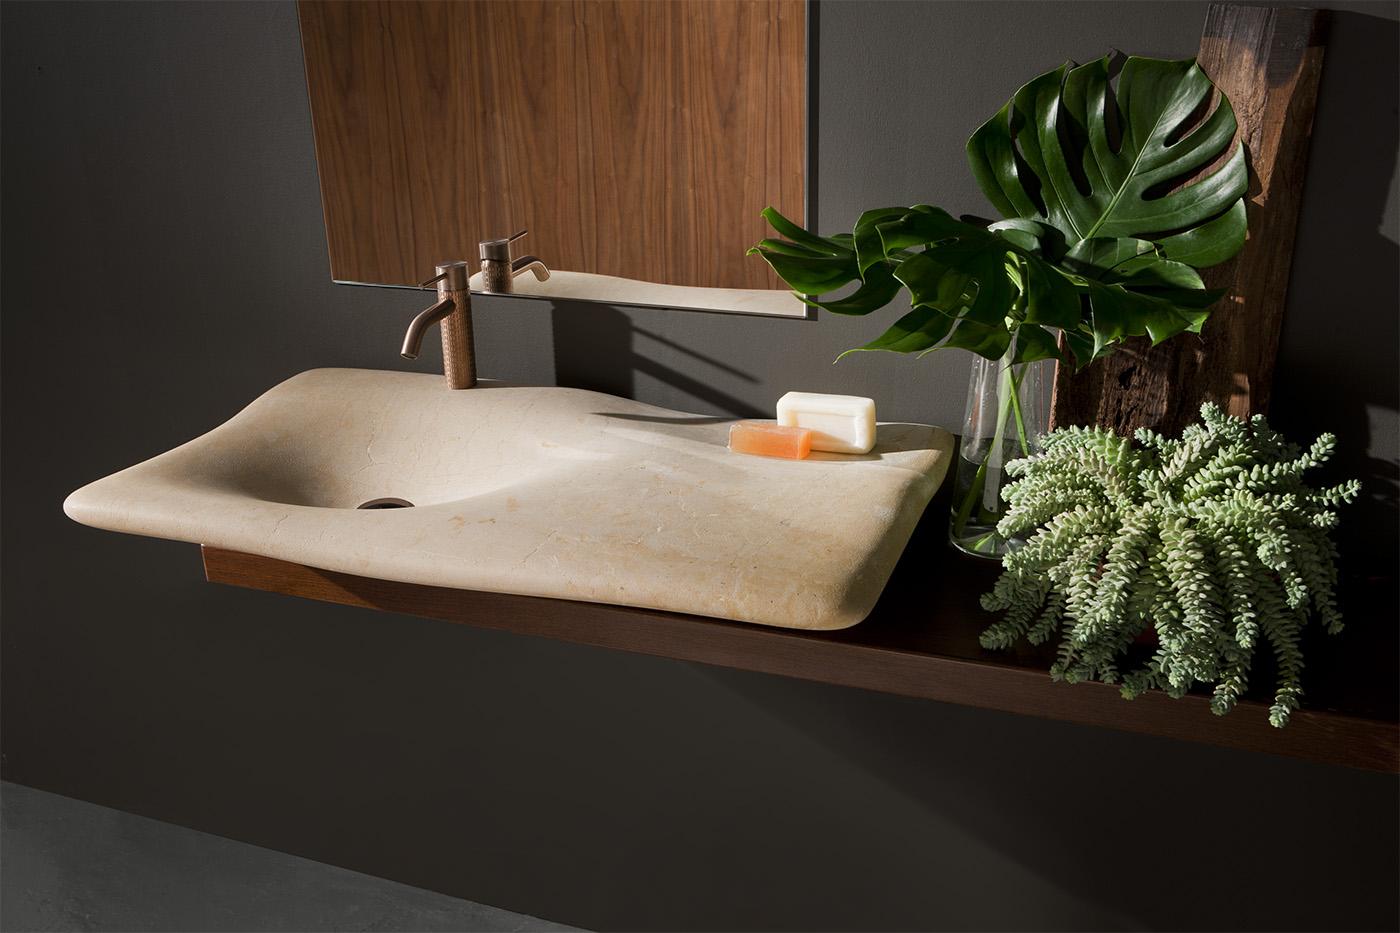 Lavabo Flow de Nerinea diseñado por Miguel Herranz